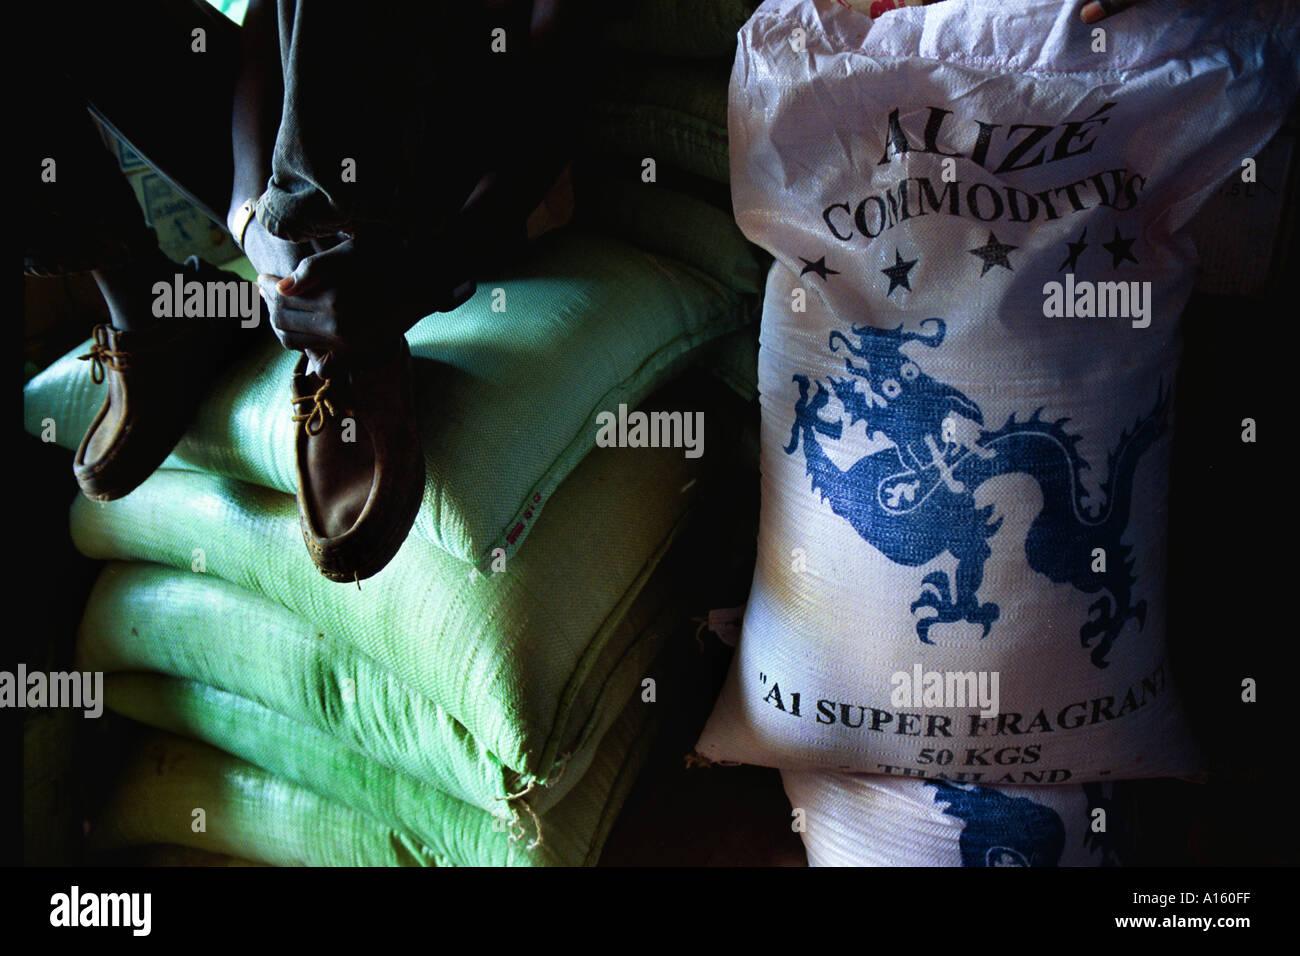 Un commerciante senegalese si siede sulla parte superiore dei sacchi di riso Asiatico che vendono per meno di riso locale in un mercato in Africa occidentale Immagini Stock